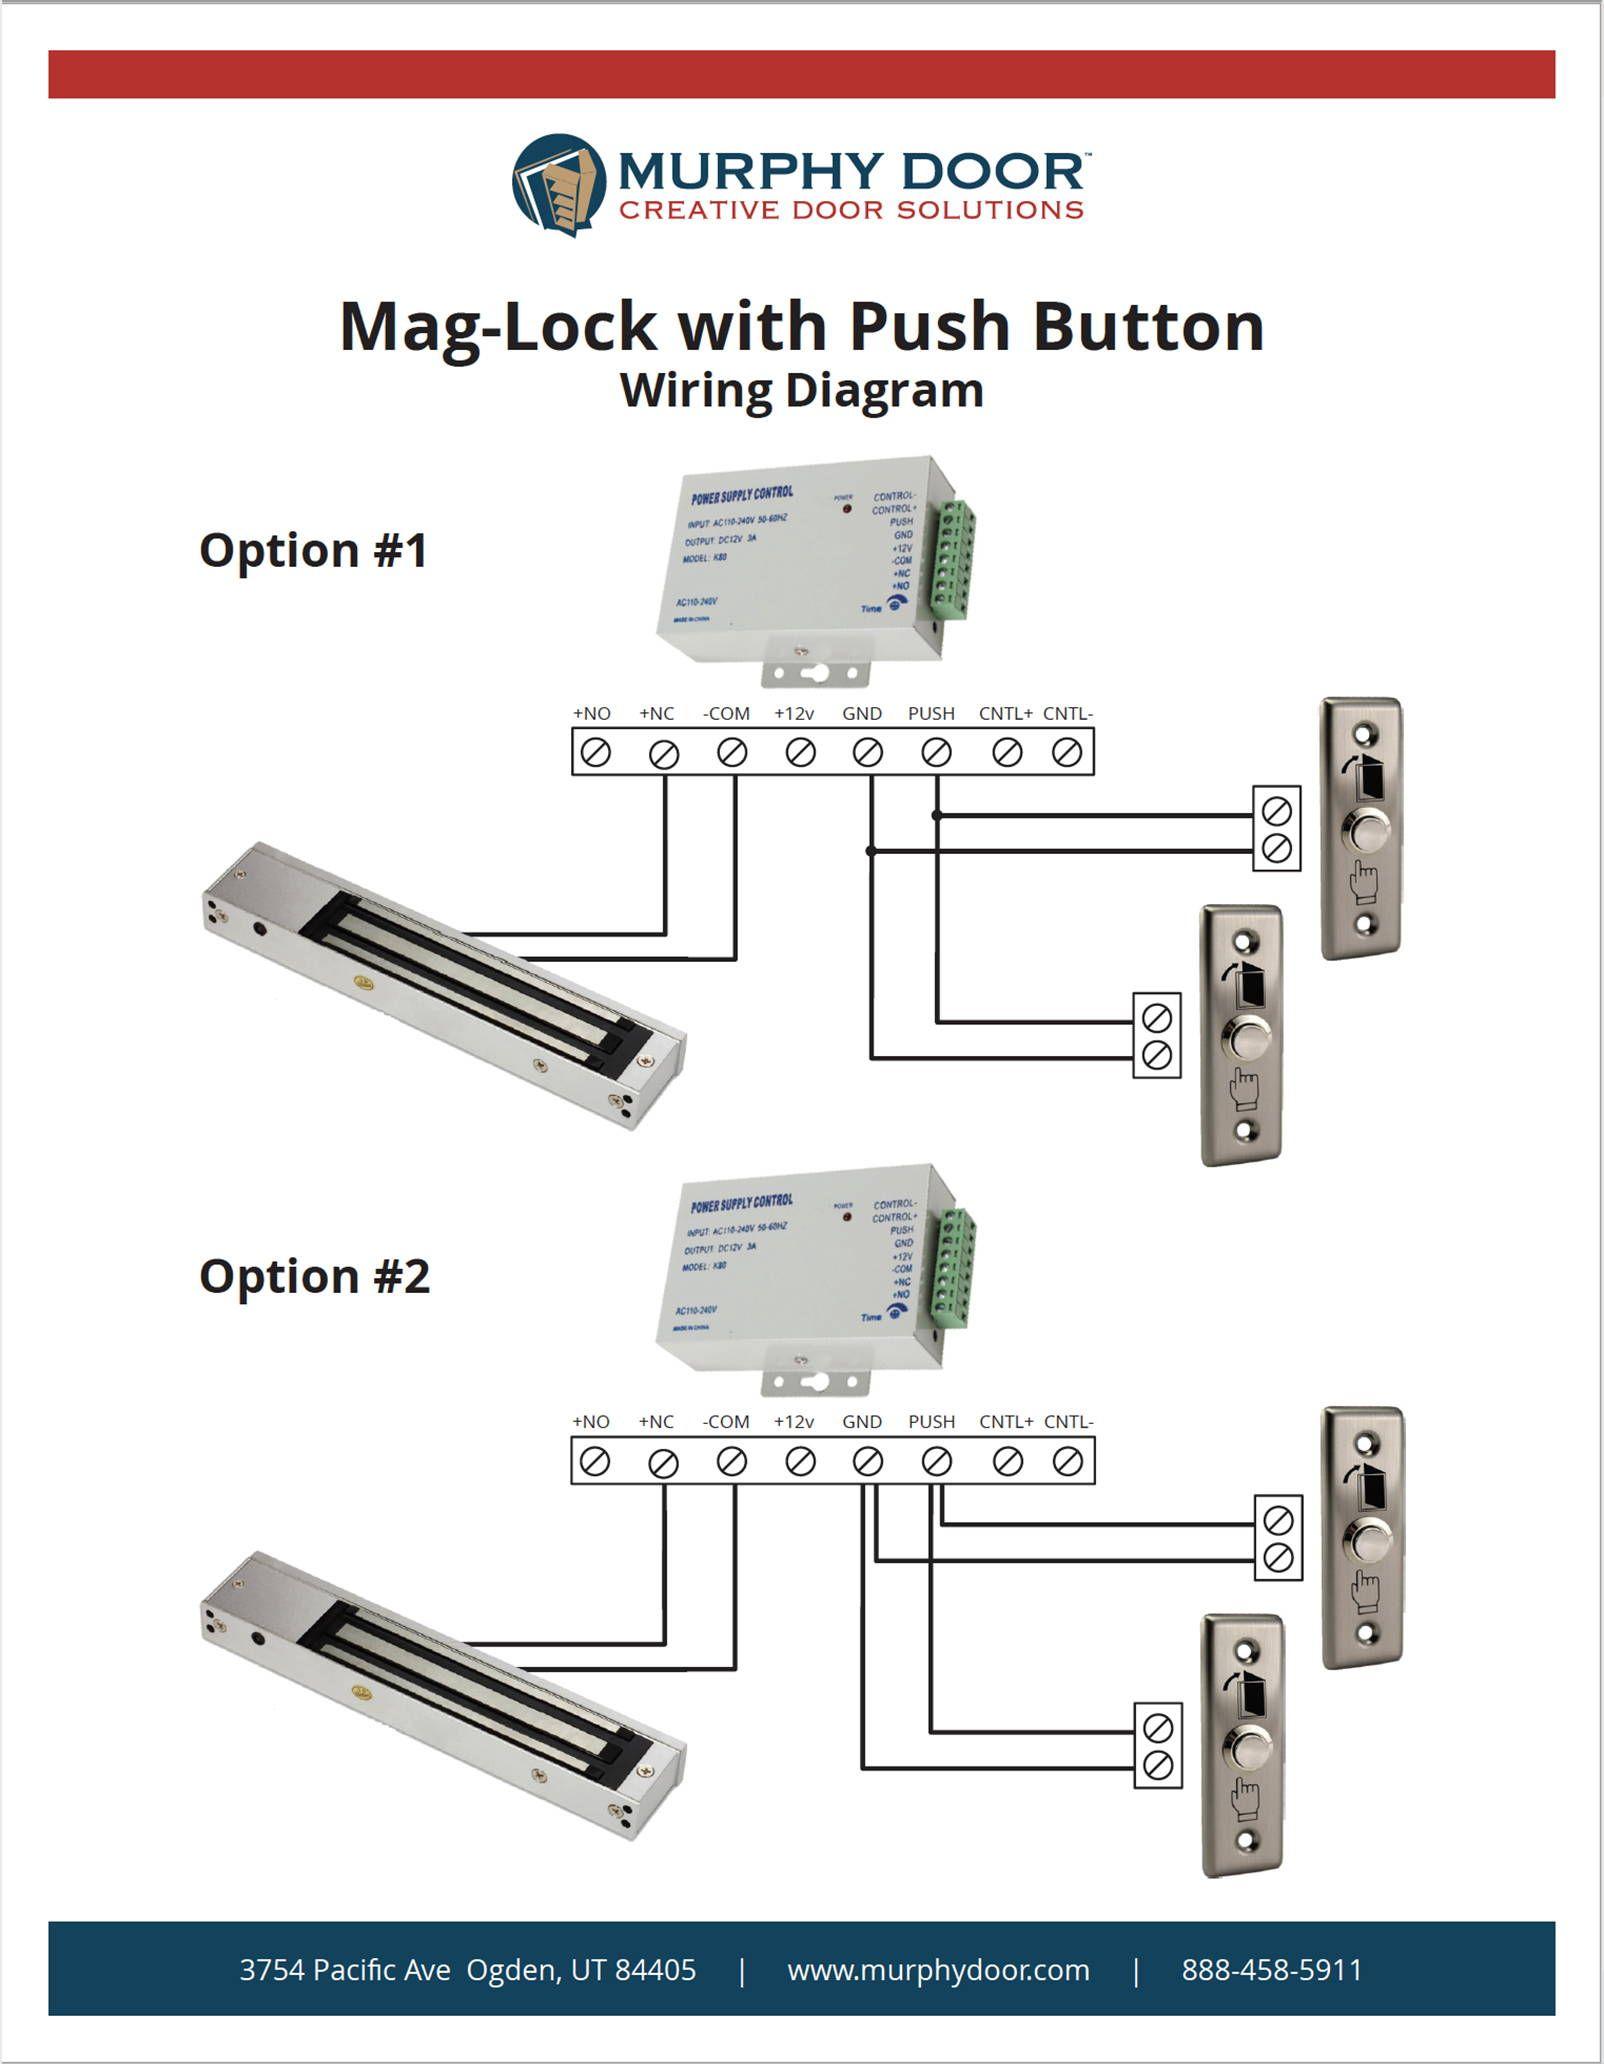 Instruction Manuals In 2020 Murphy Door Electromagnetic Lock Shop Doors